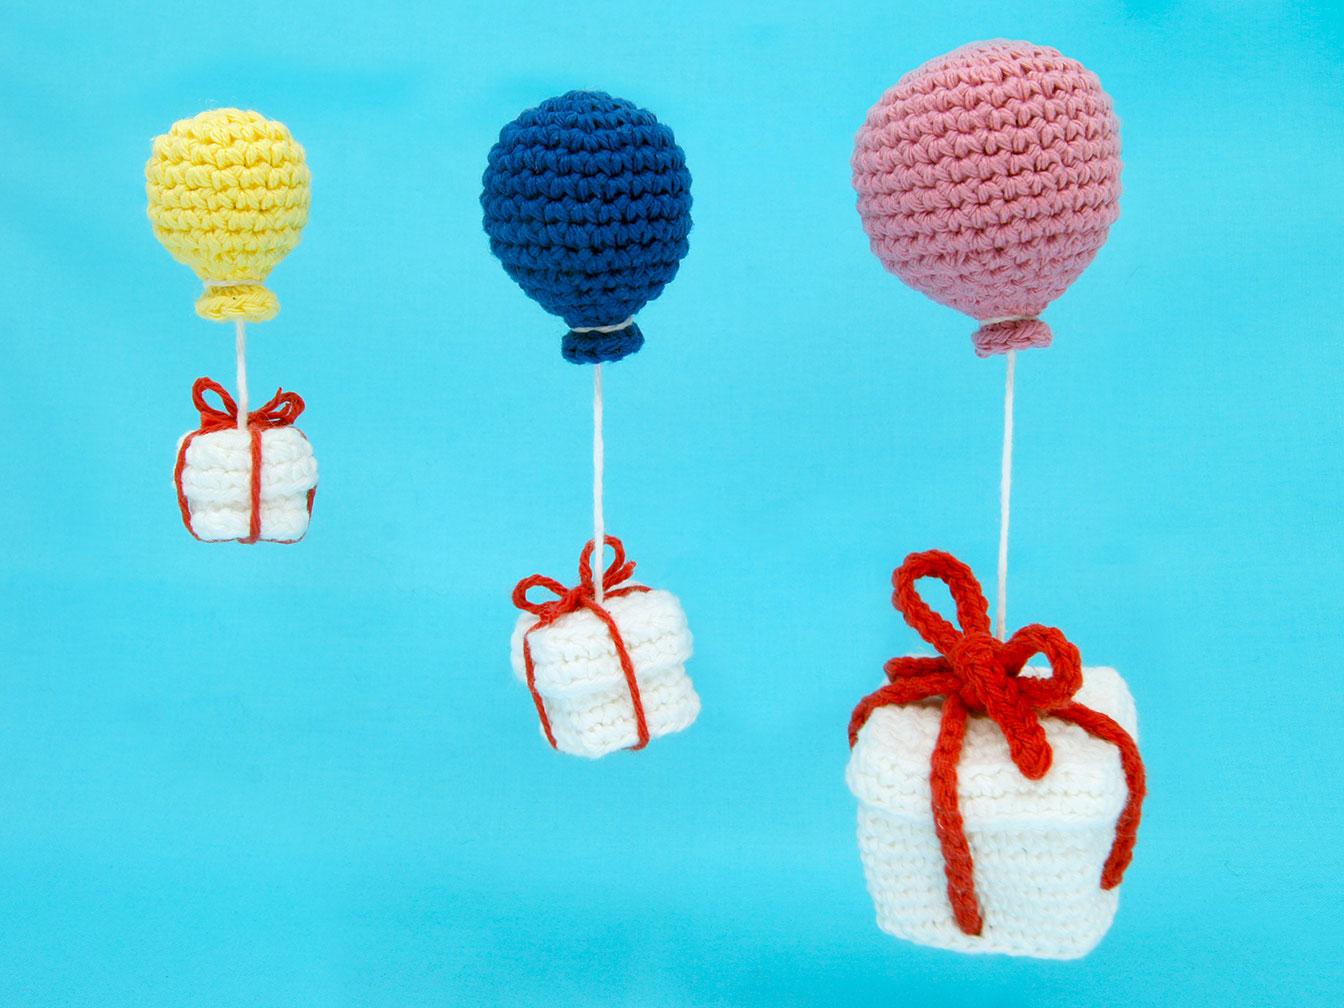 Balloon Amigurumi